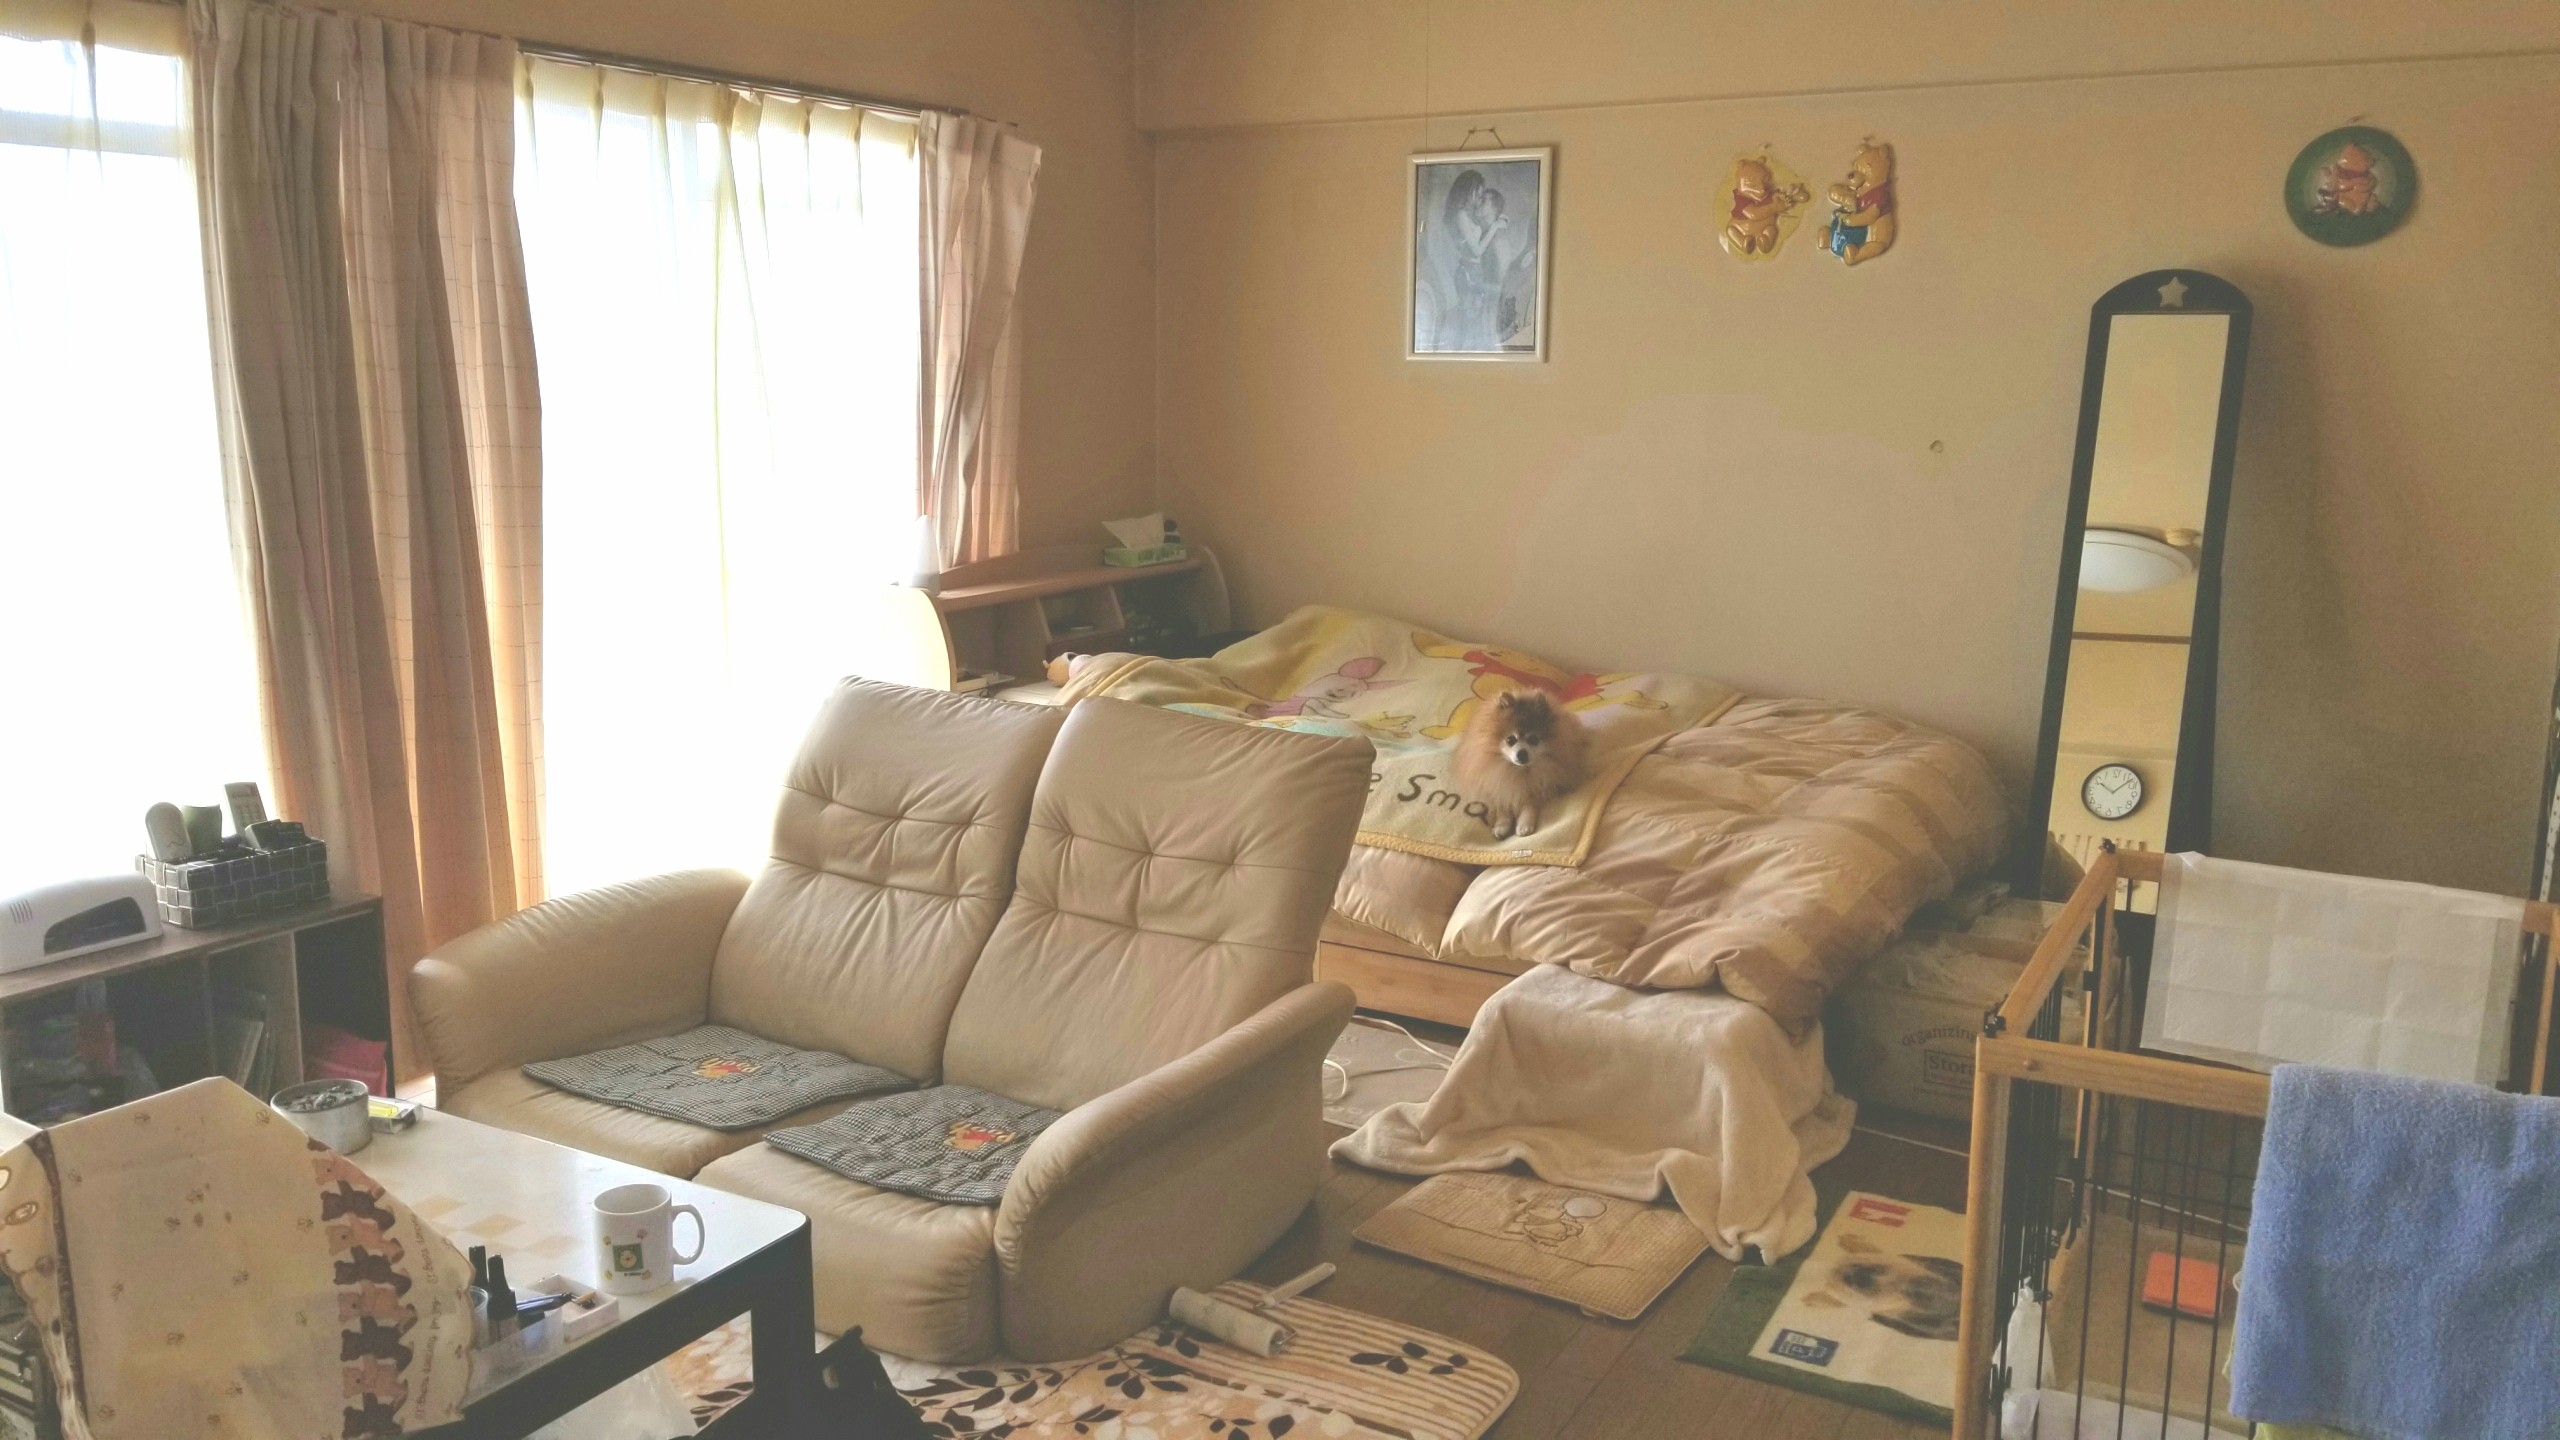 お部屋の大掃除,フローリングワンルーム,線維筋痛症の日常,家事不便